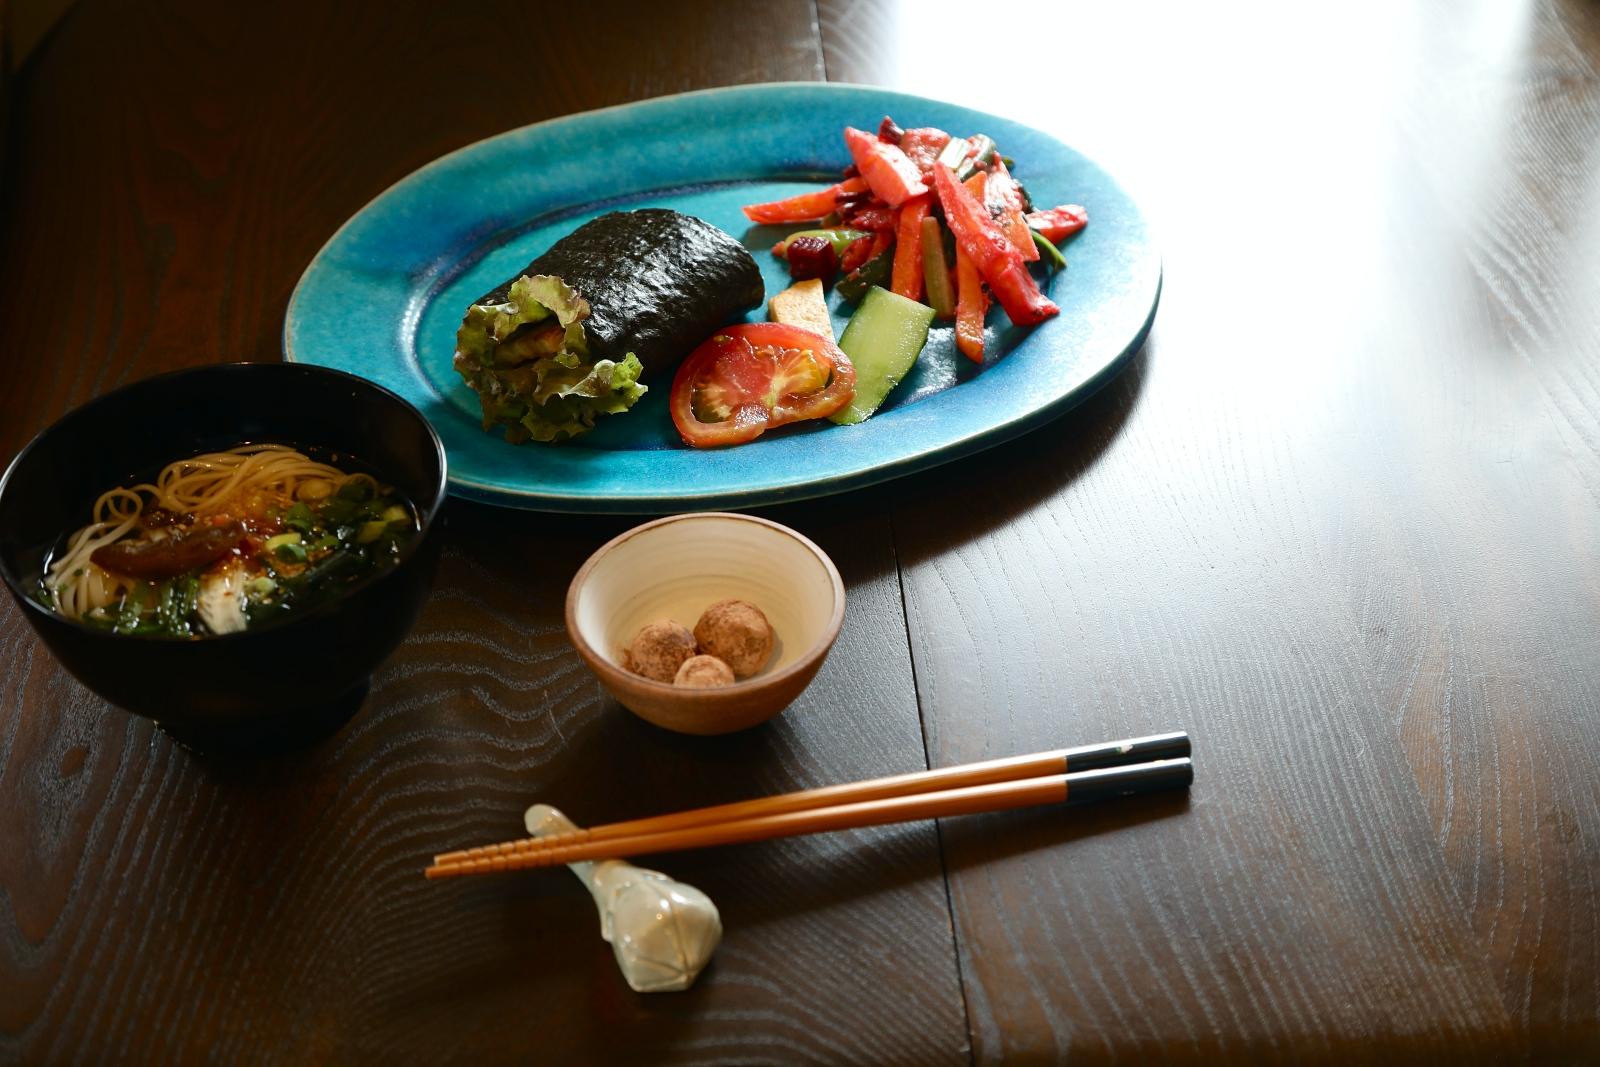 植物を食べる。料理をする。そのこと自体が、一番シンプルなサスティナブルの原点なんじゃないかしら。